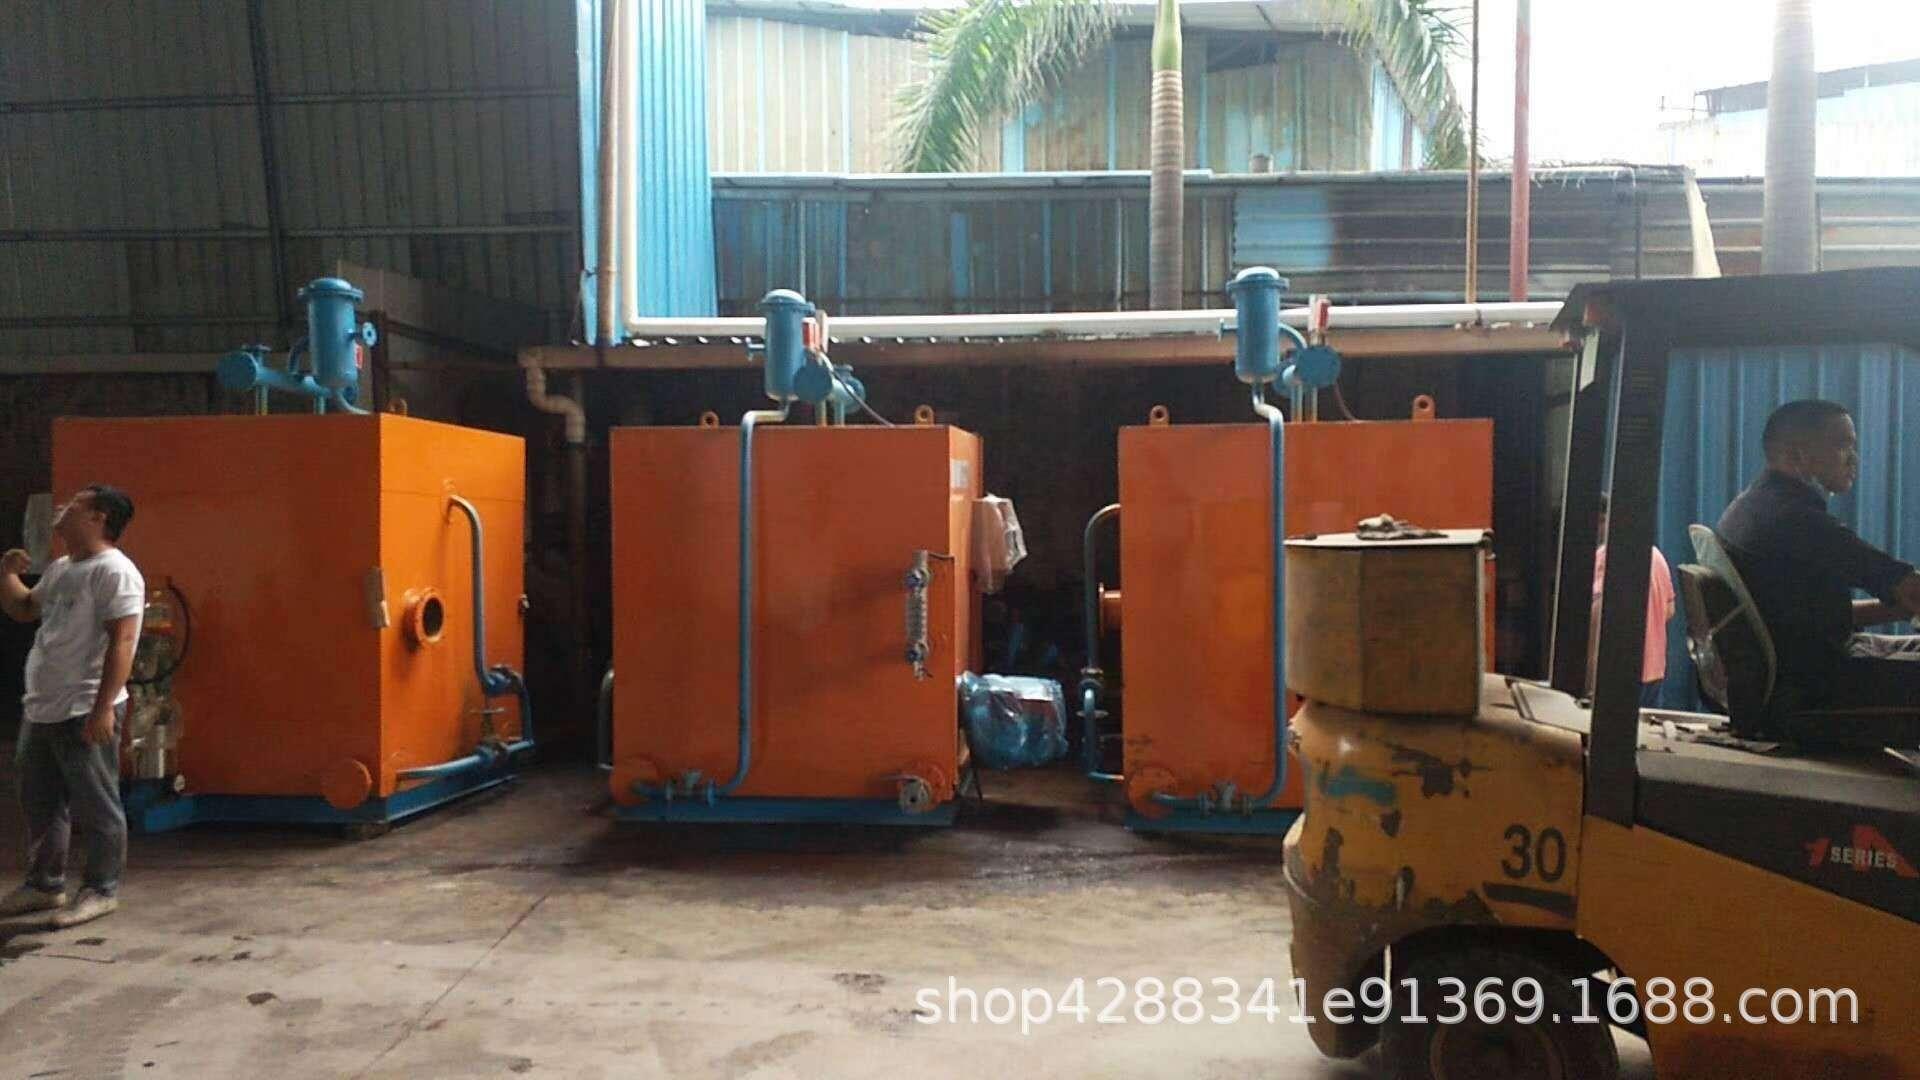 新型全自动蒸汽发生器 蒸汽发生器价格  蒸汽发生器厂家直销示例图2